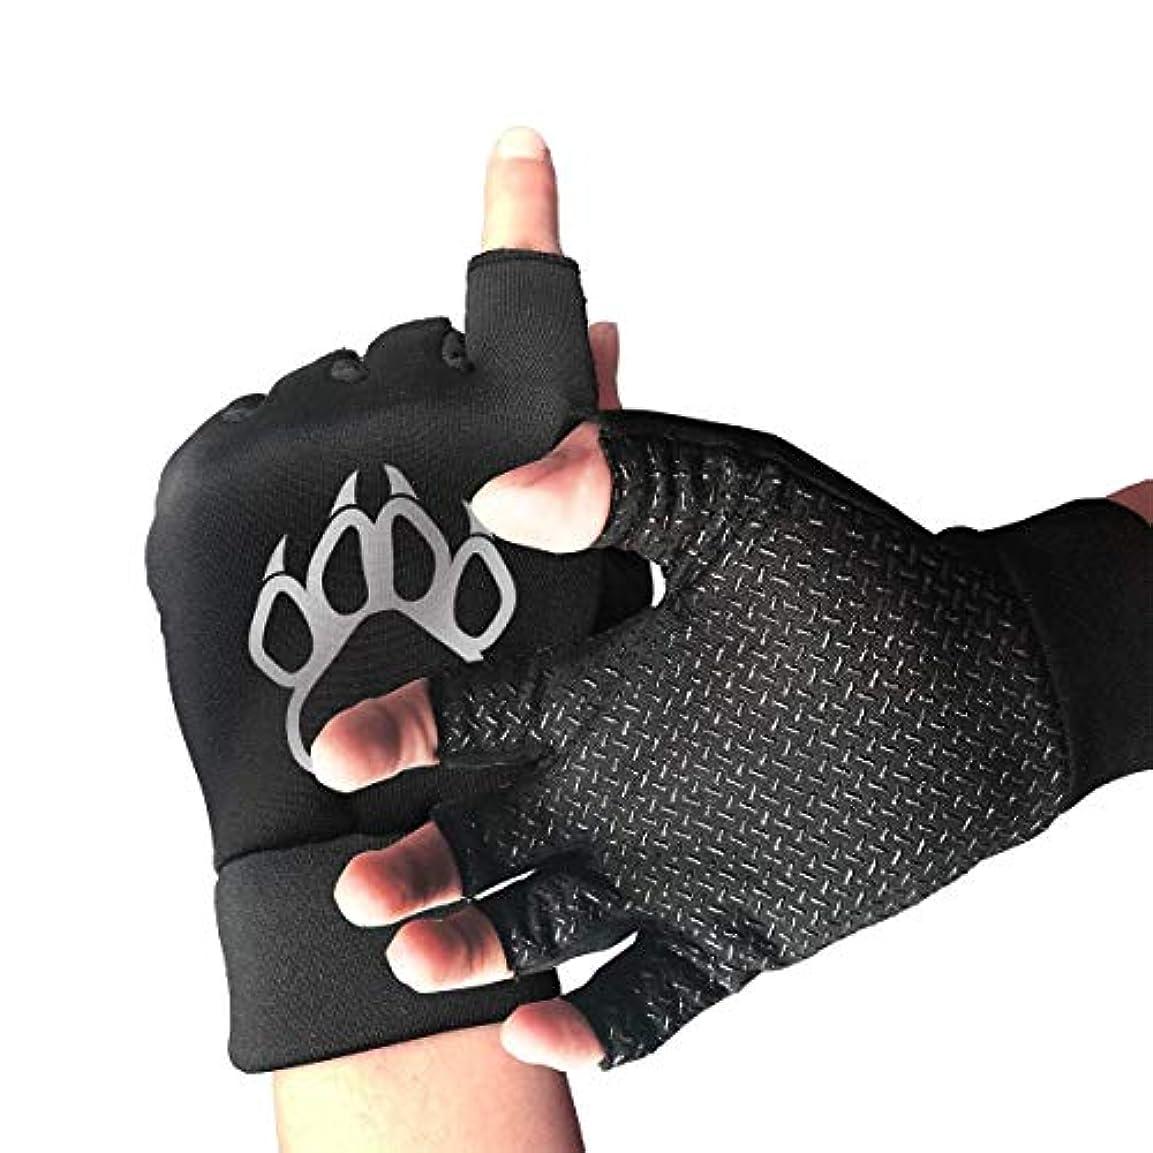 かんたん民兵爆風Cycling Gloves Bear's Paw Men's/Women's Mountain Bike Gloves Half Finger Anti-Slip Motorcycle Gloves